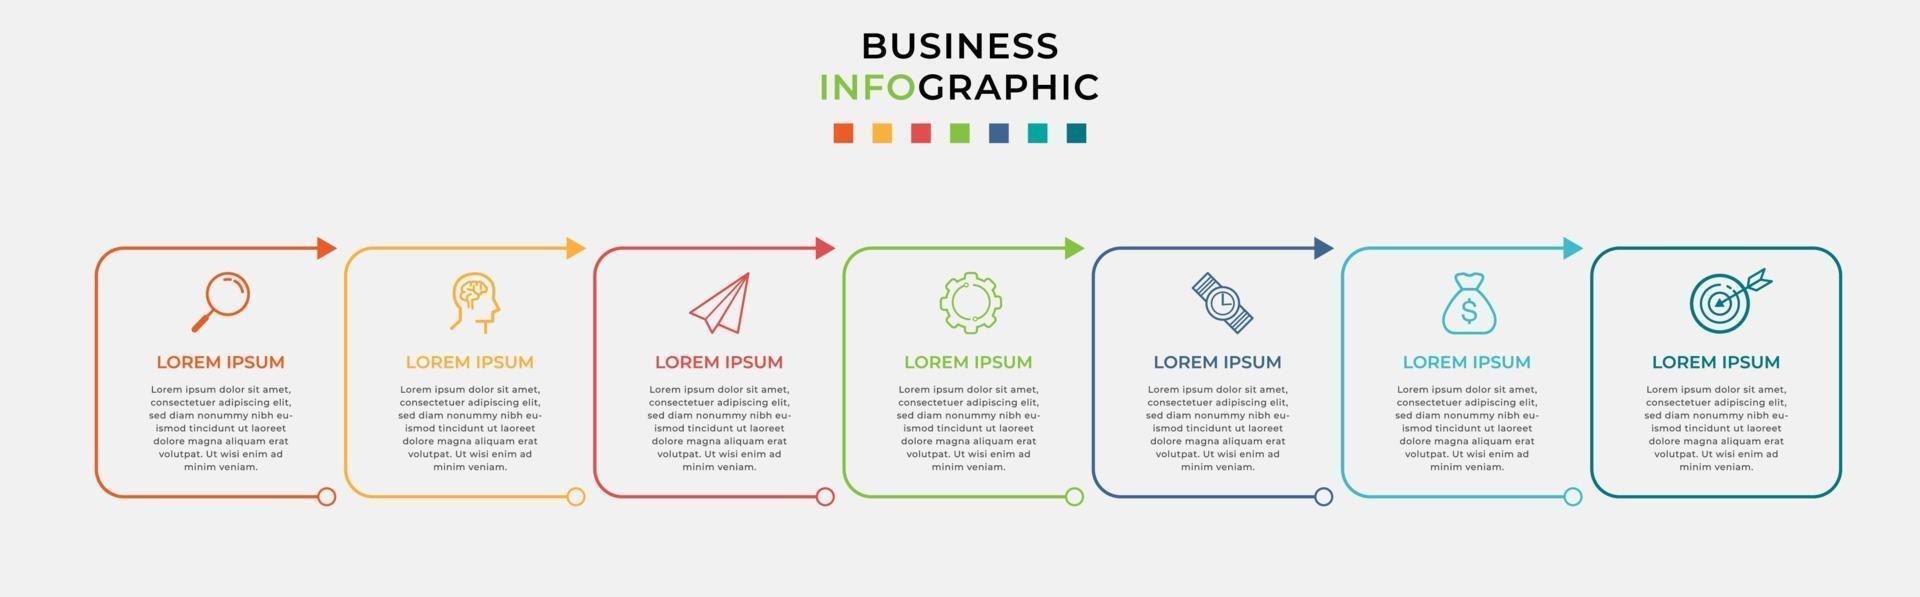 infográfico design modelo de negócios com ícones e 7 opções ou etapas vetor